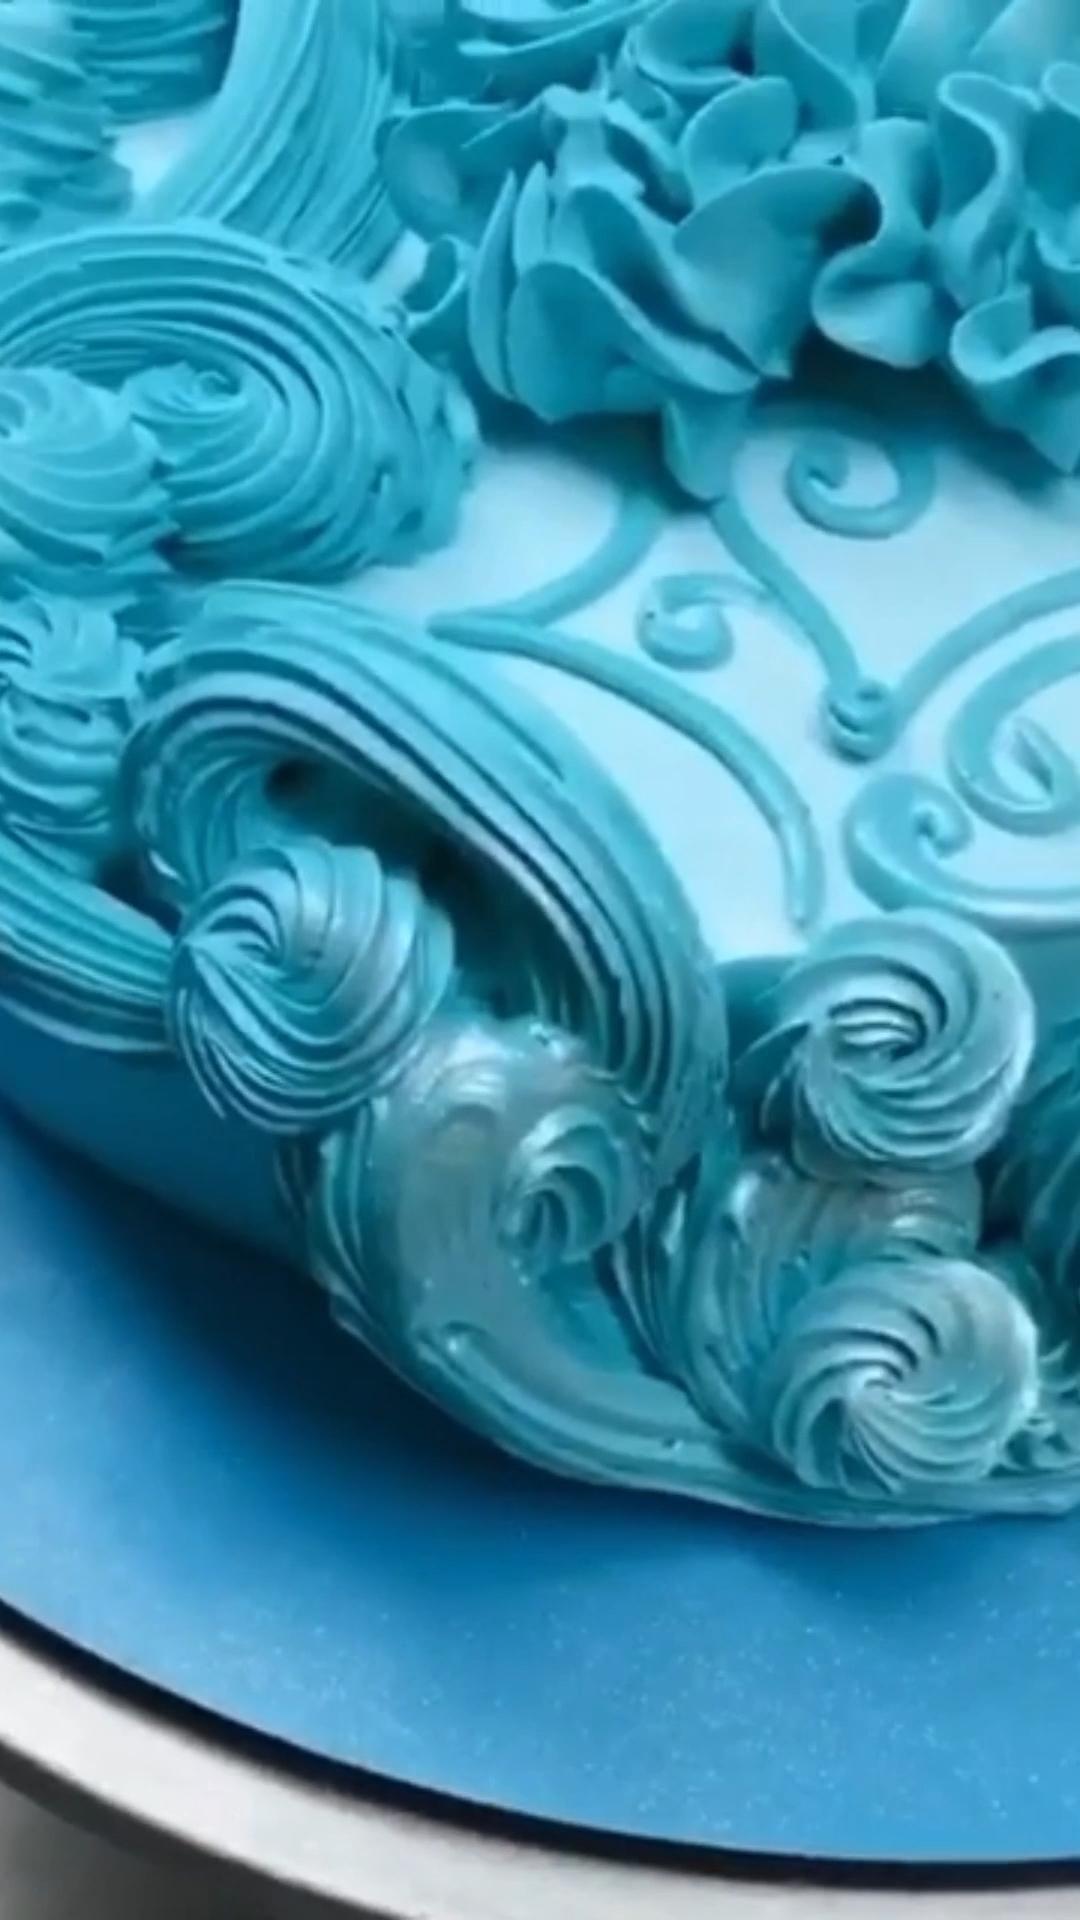 Cake decoration techniques